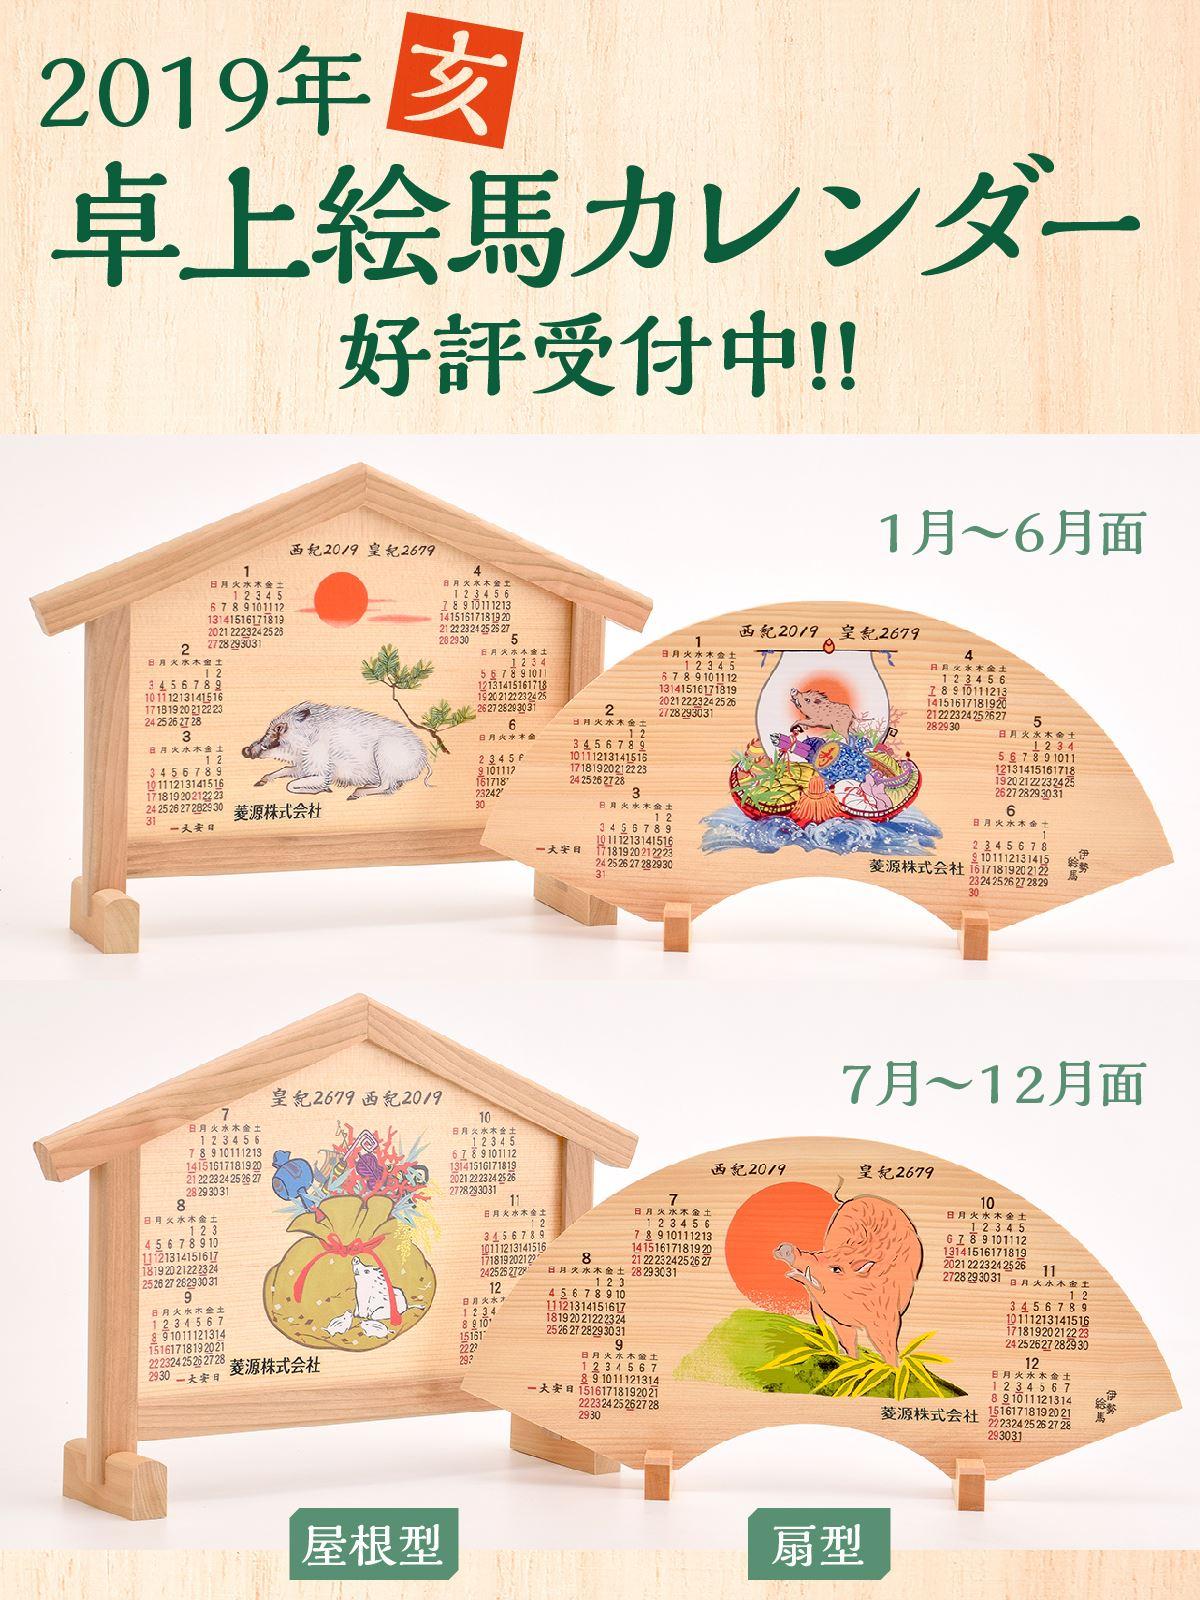 2019年卓上絵馬カレンダー好評受付中!